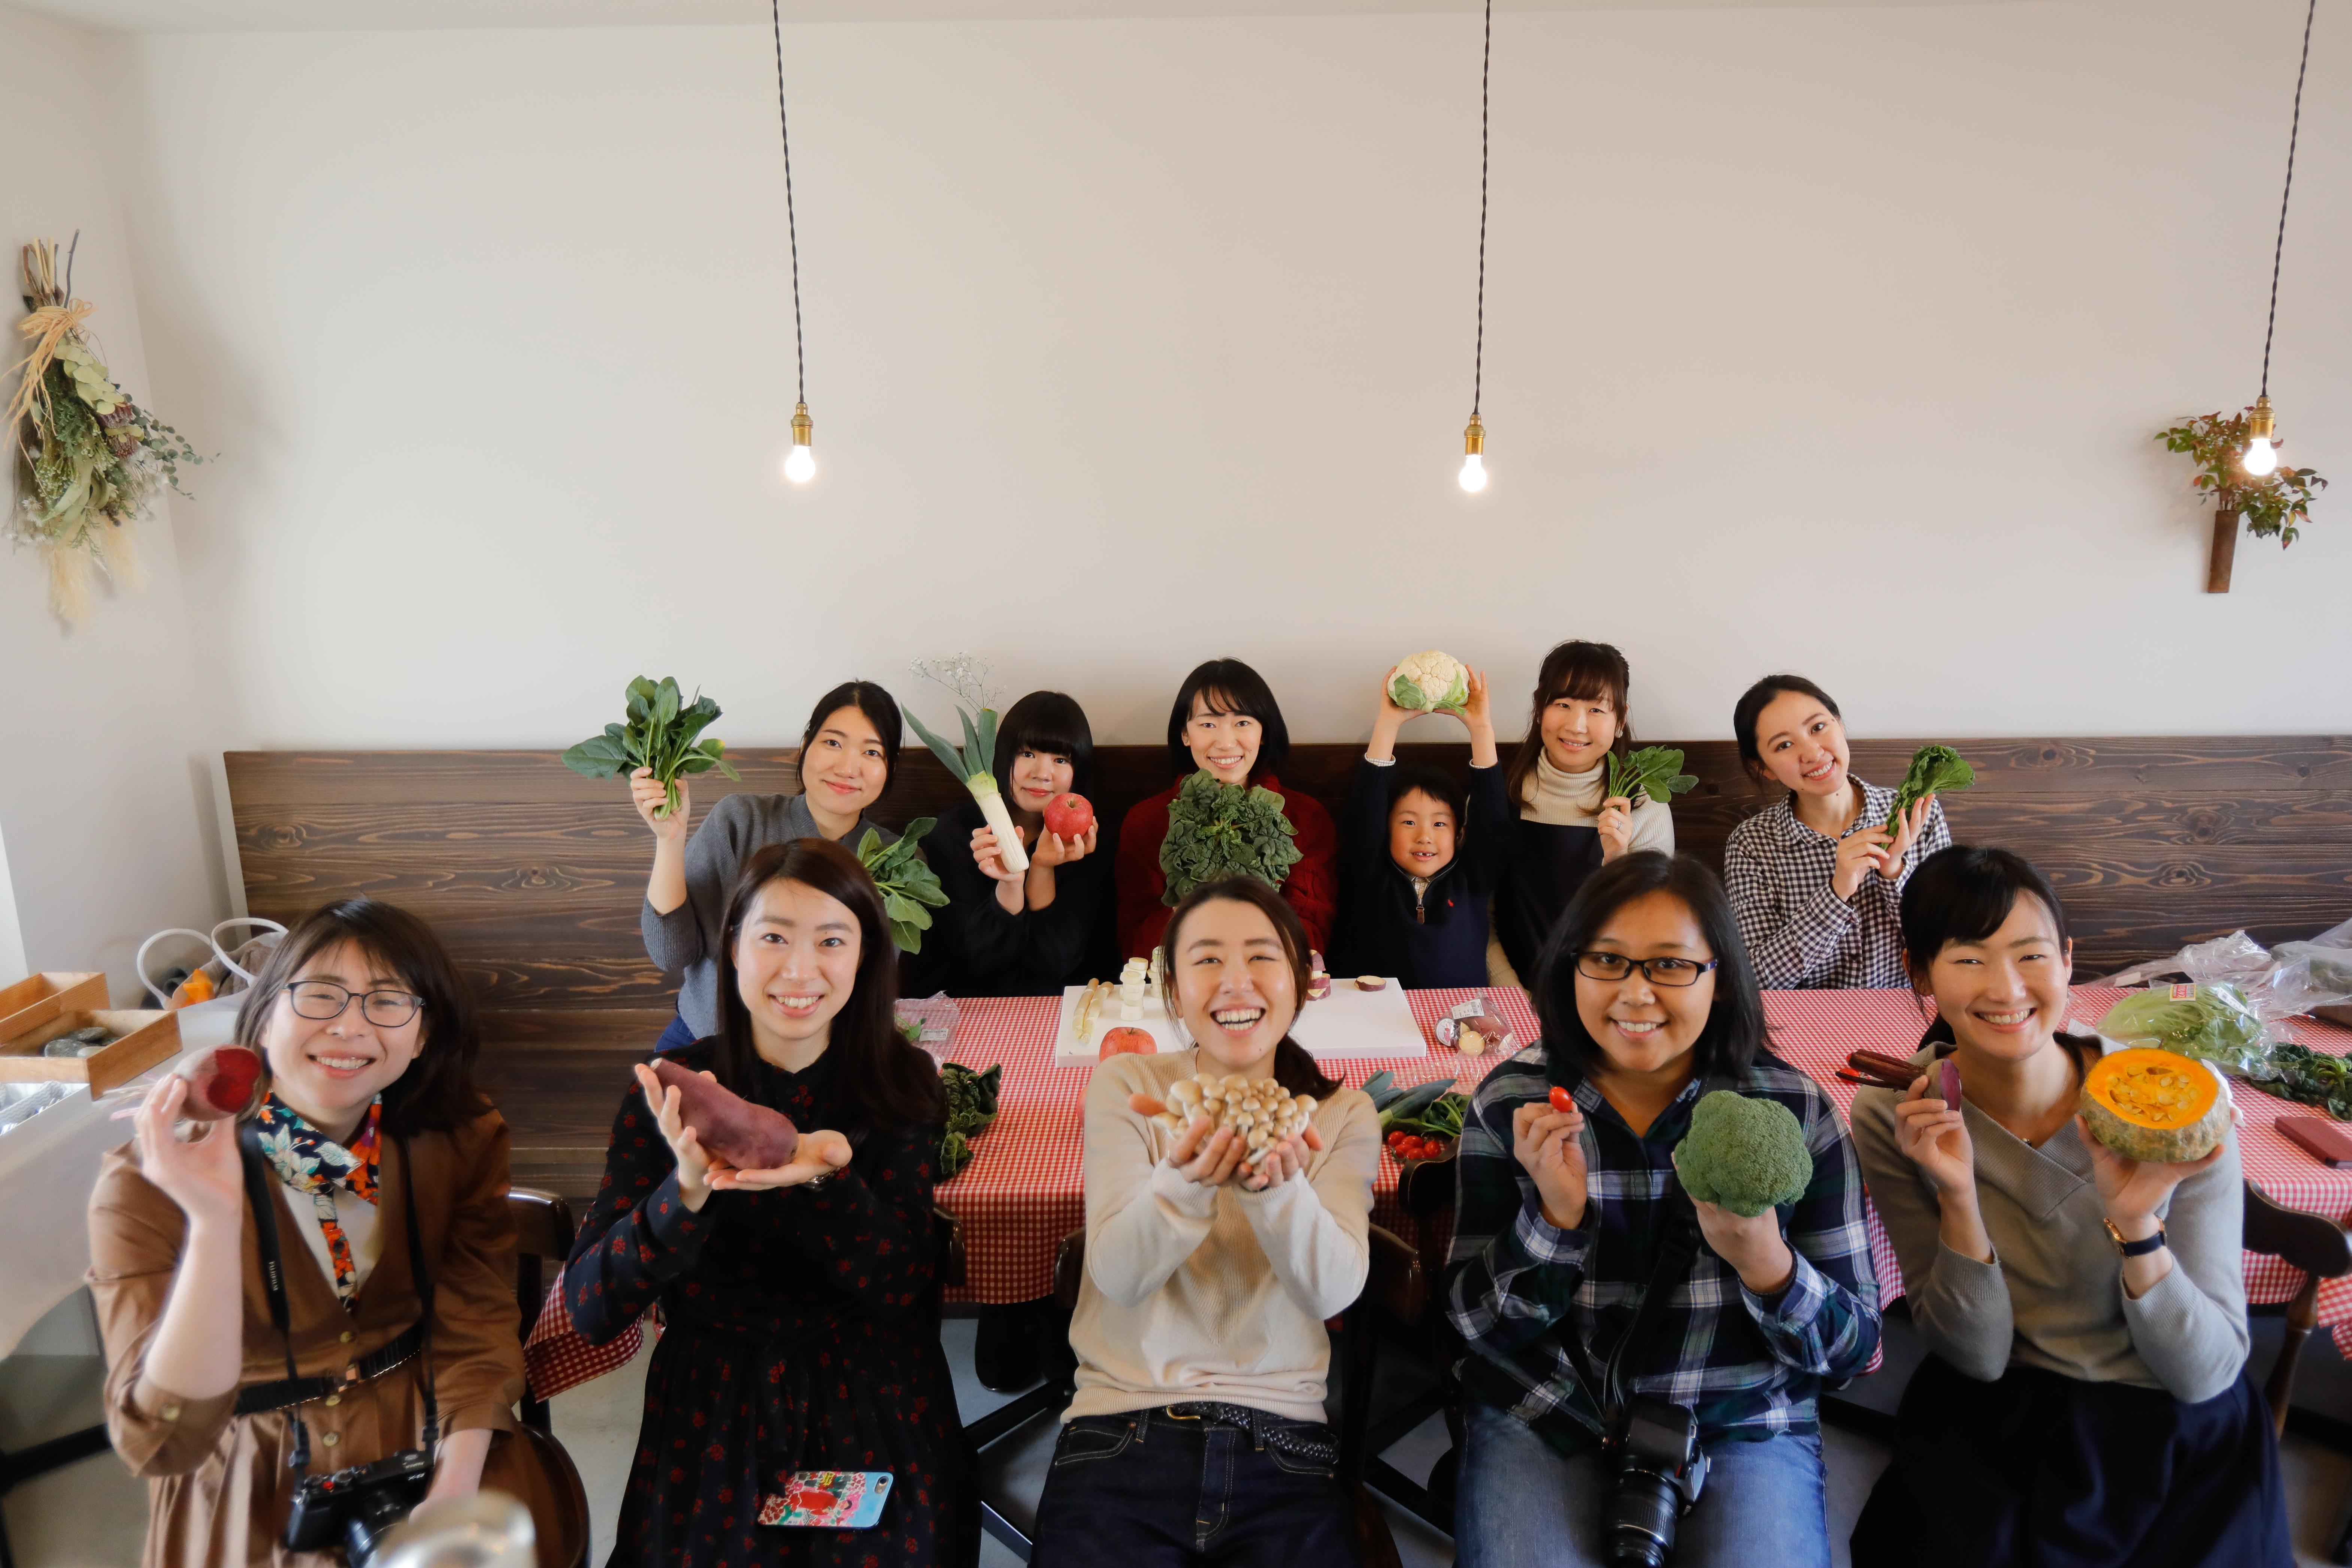 ワークショップ「まるい野菜を撮ろうの会」での様子②